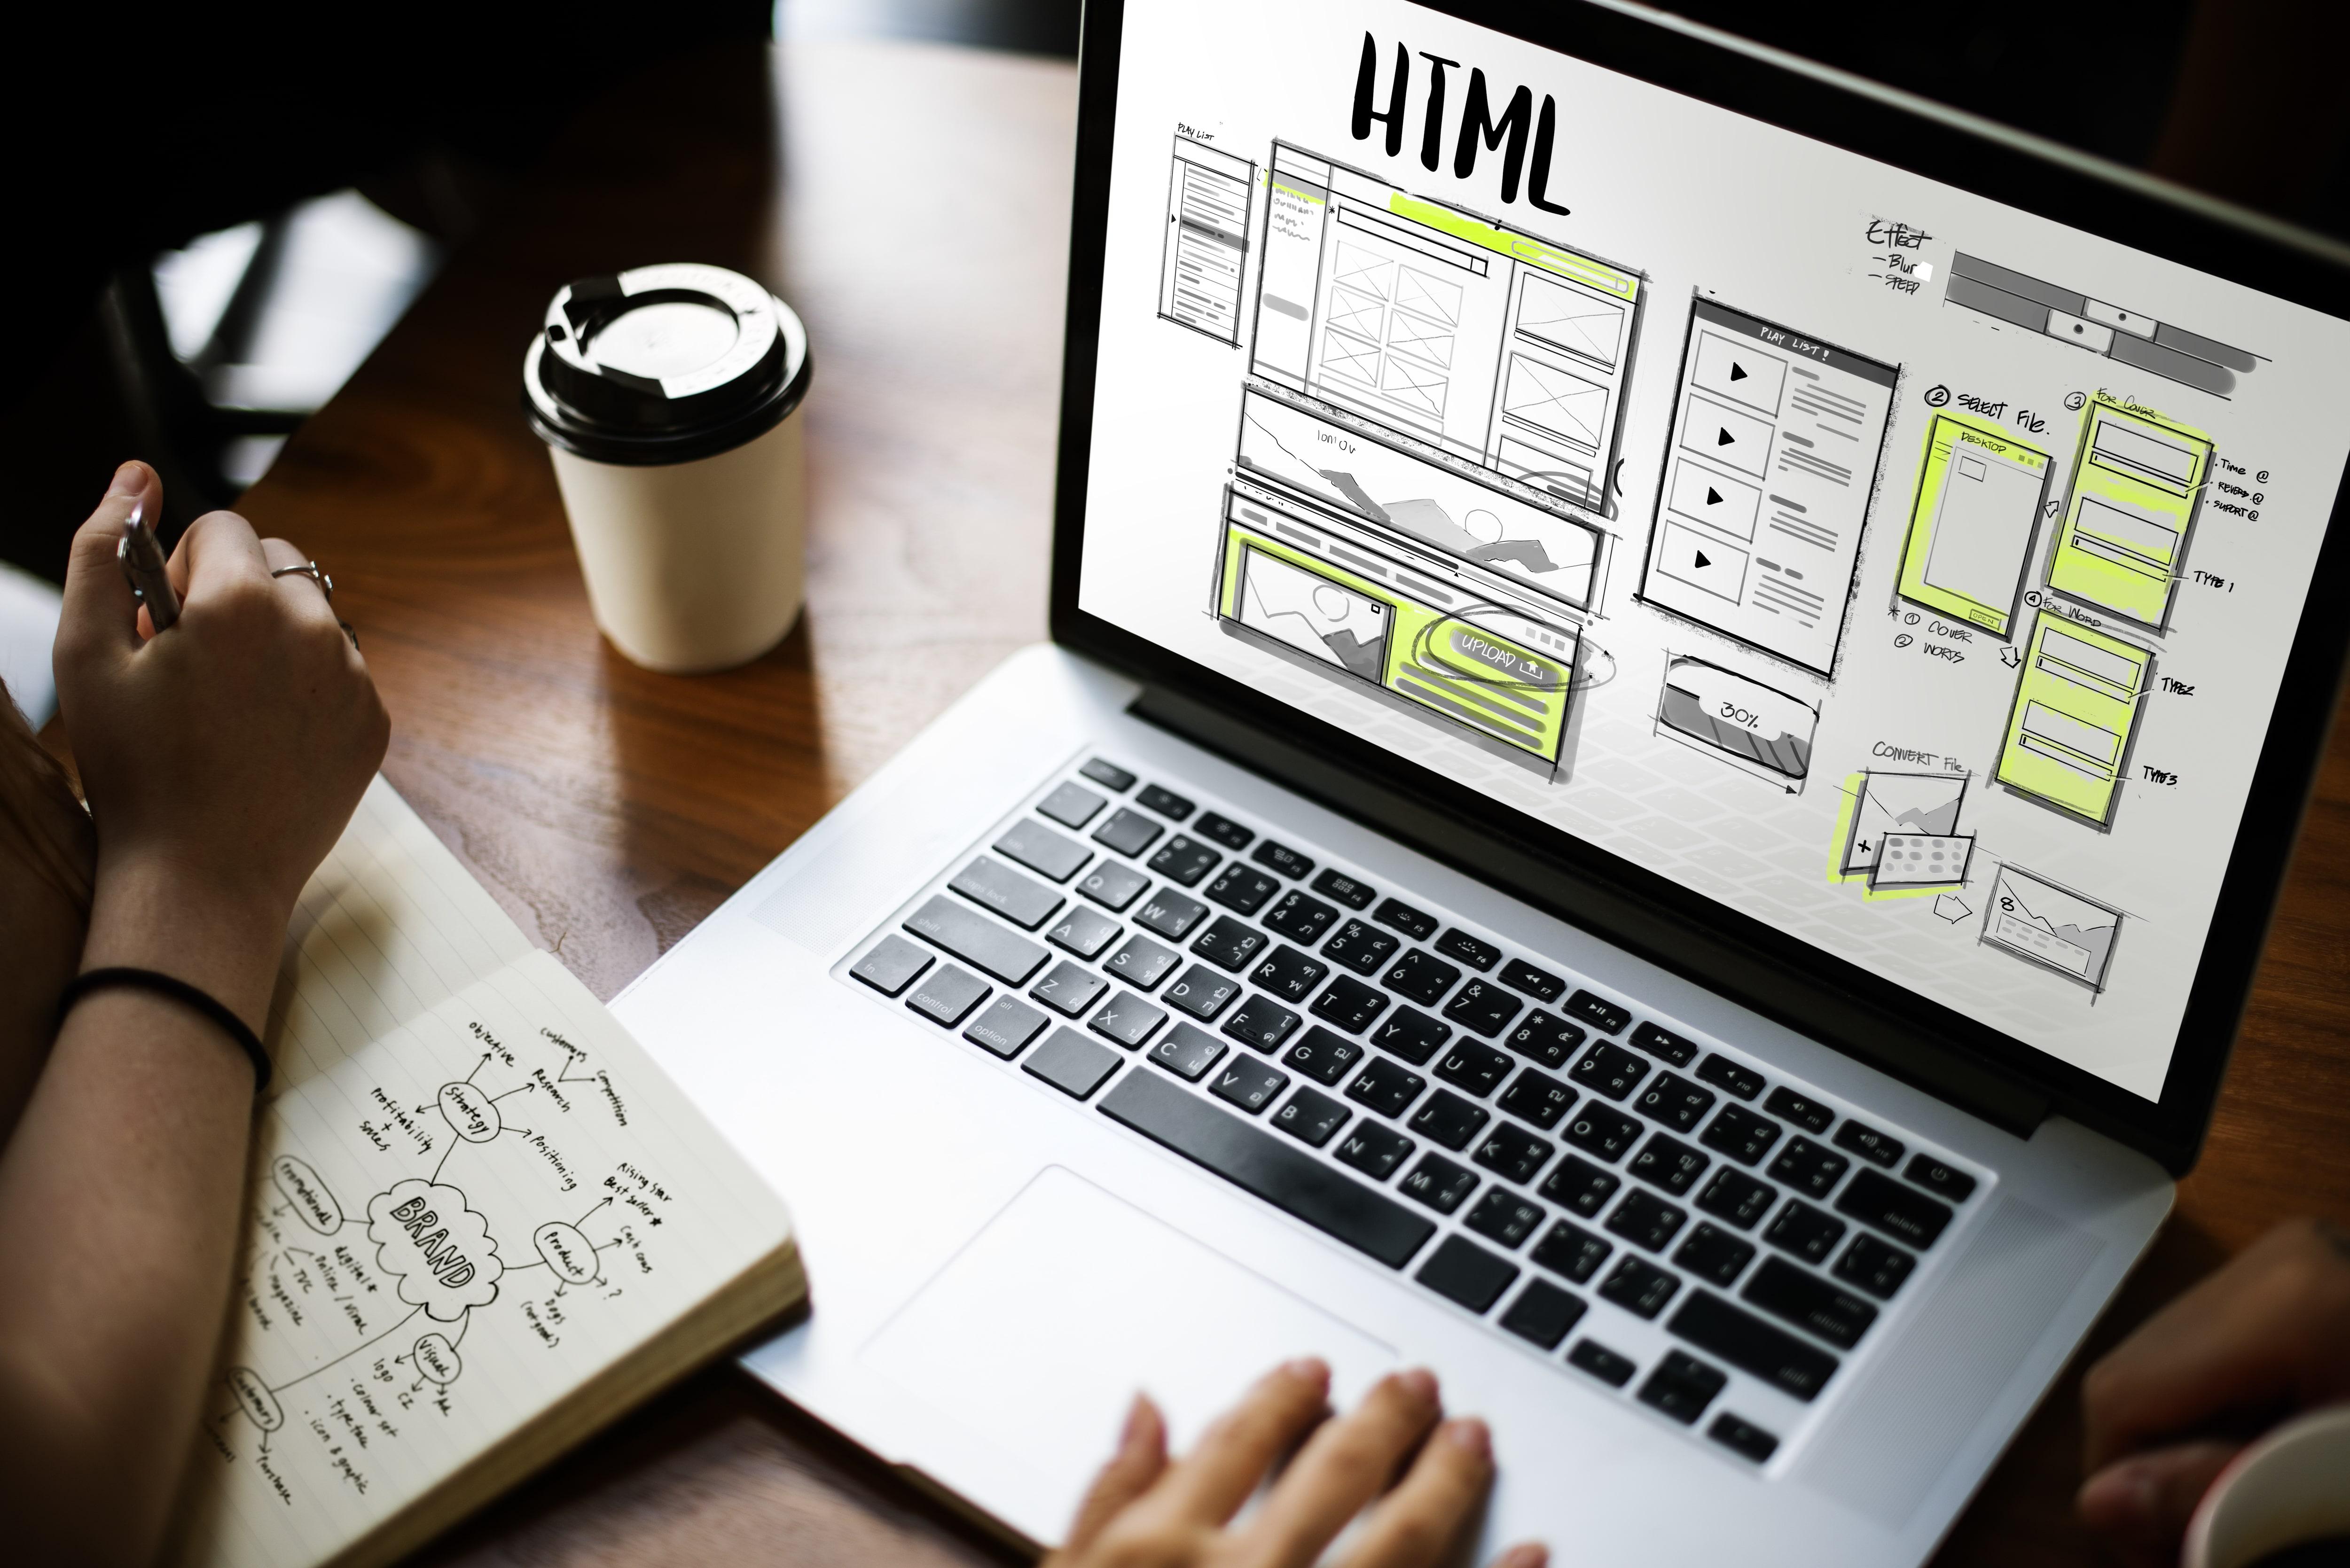 Otimize os serviços da empresa e inteligência da equipe